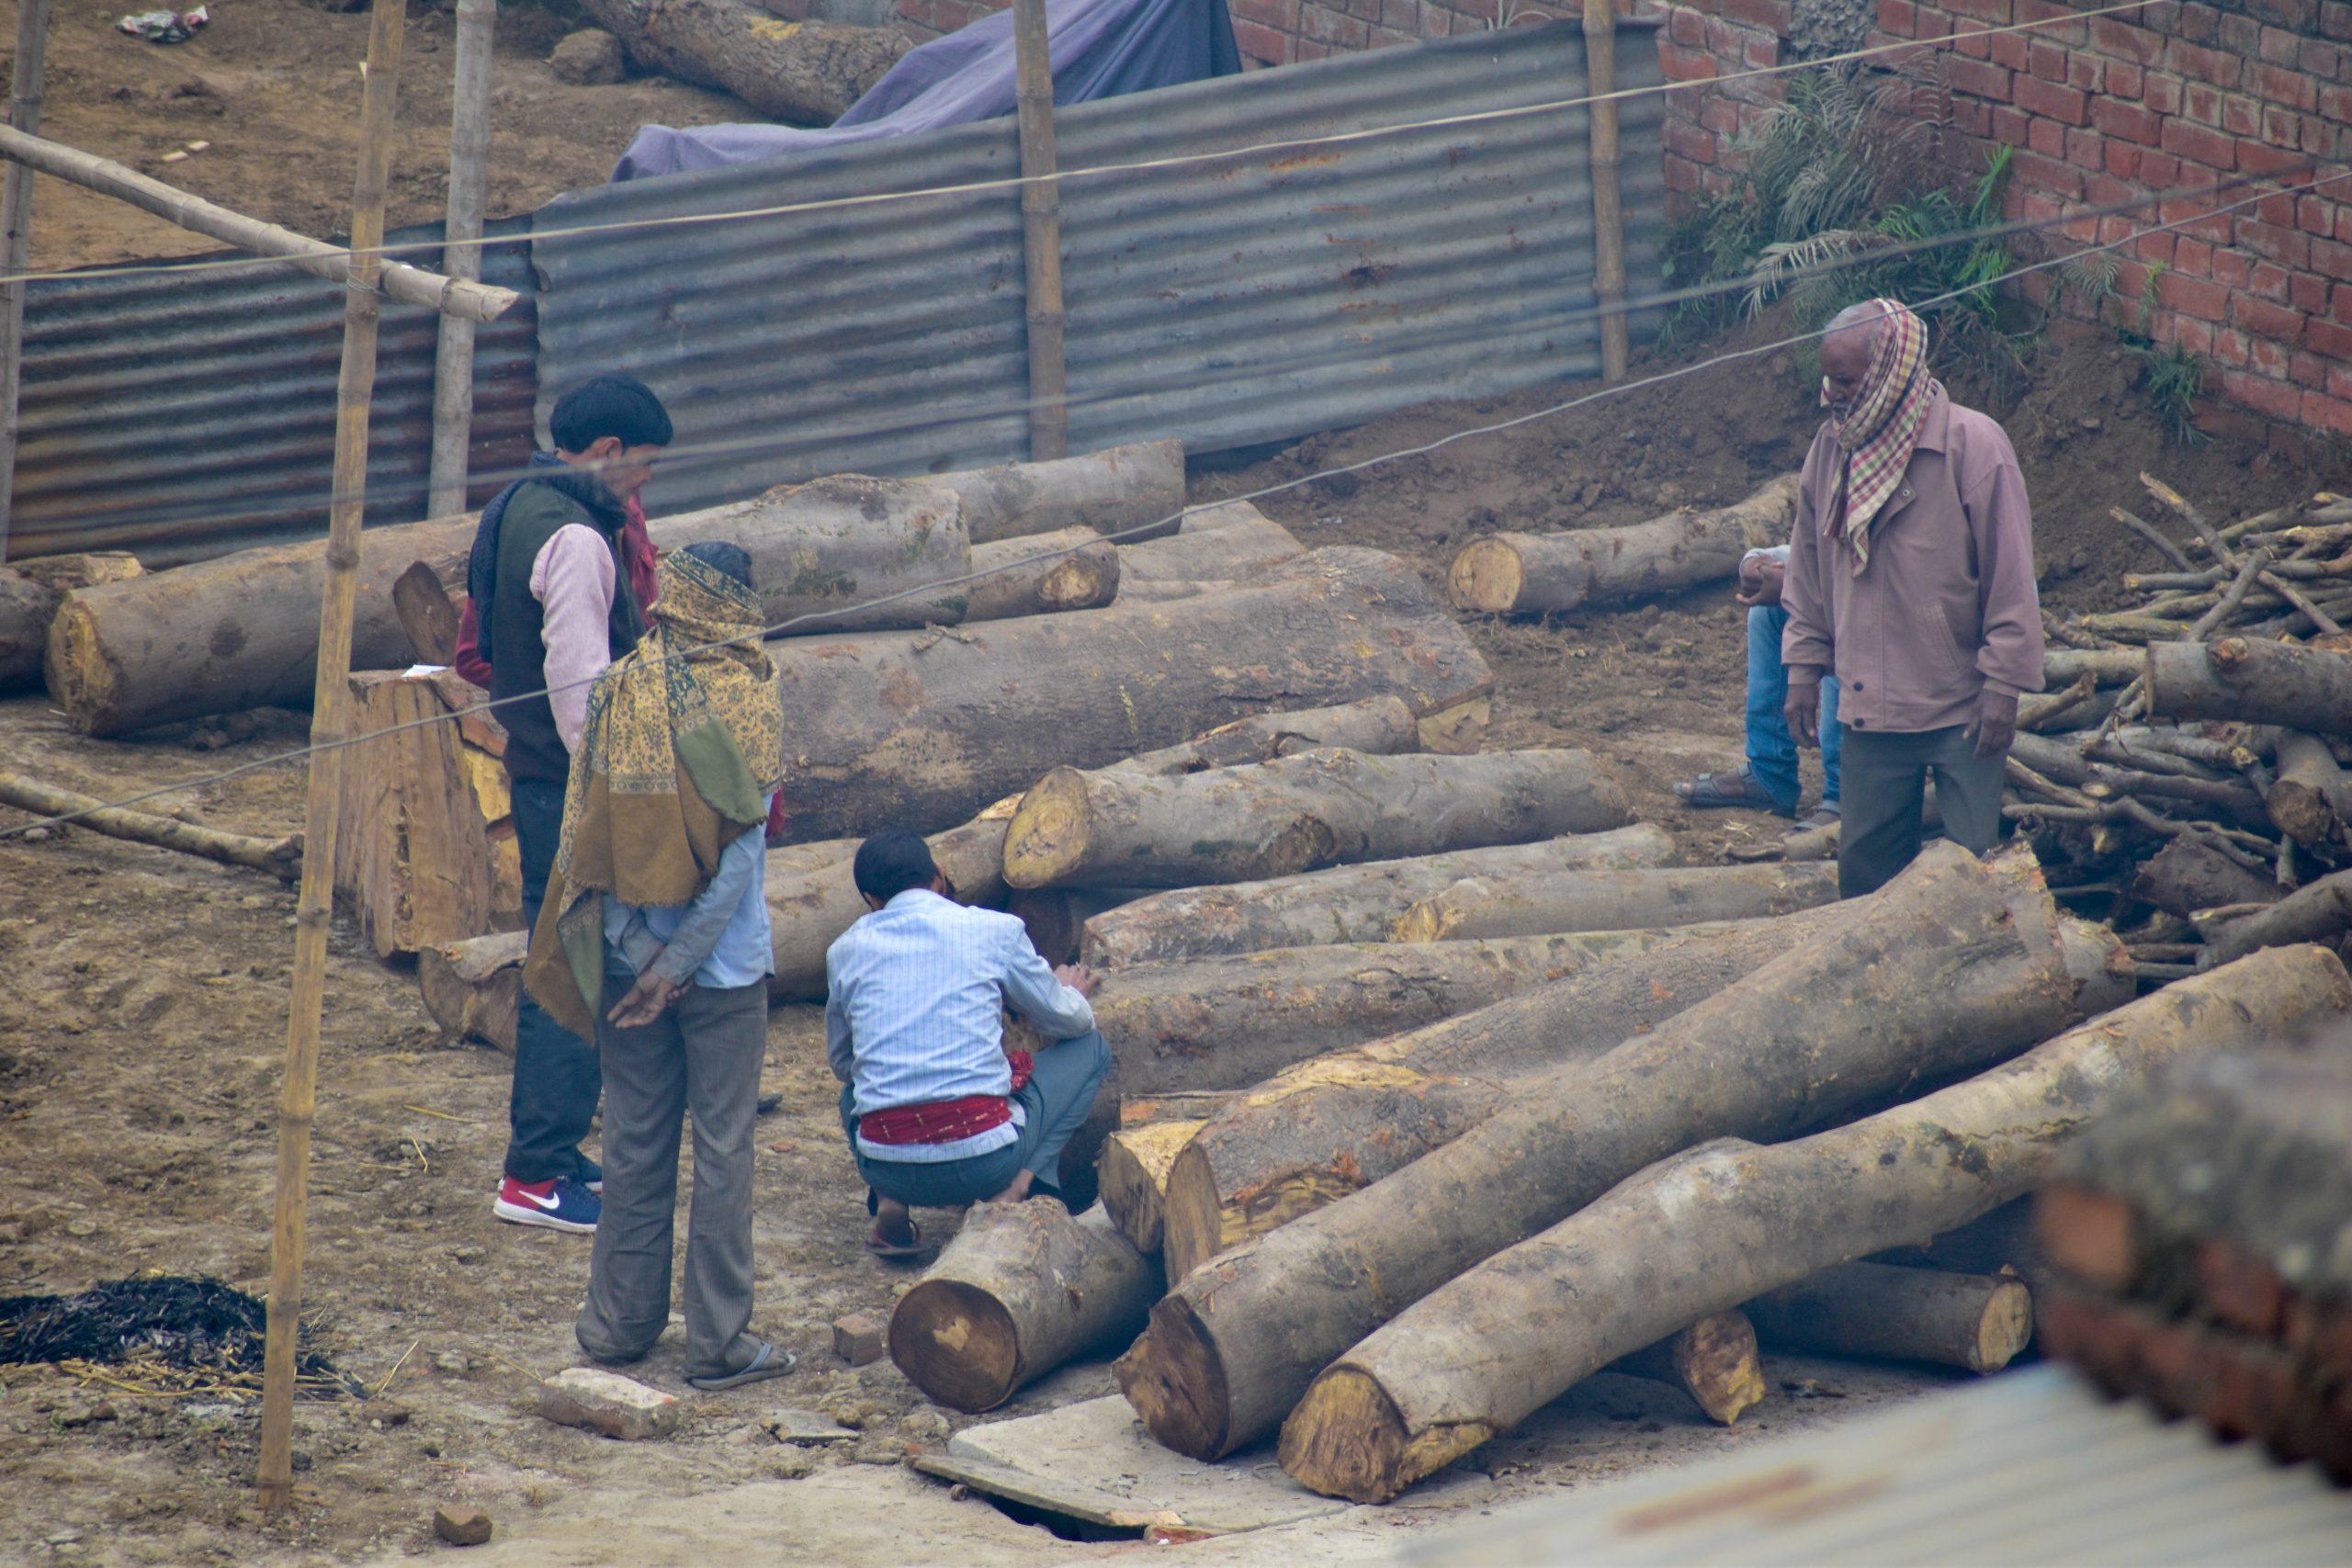 Worker working in sawmill